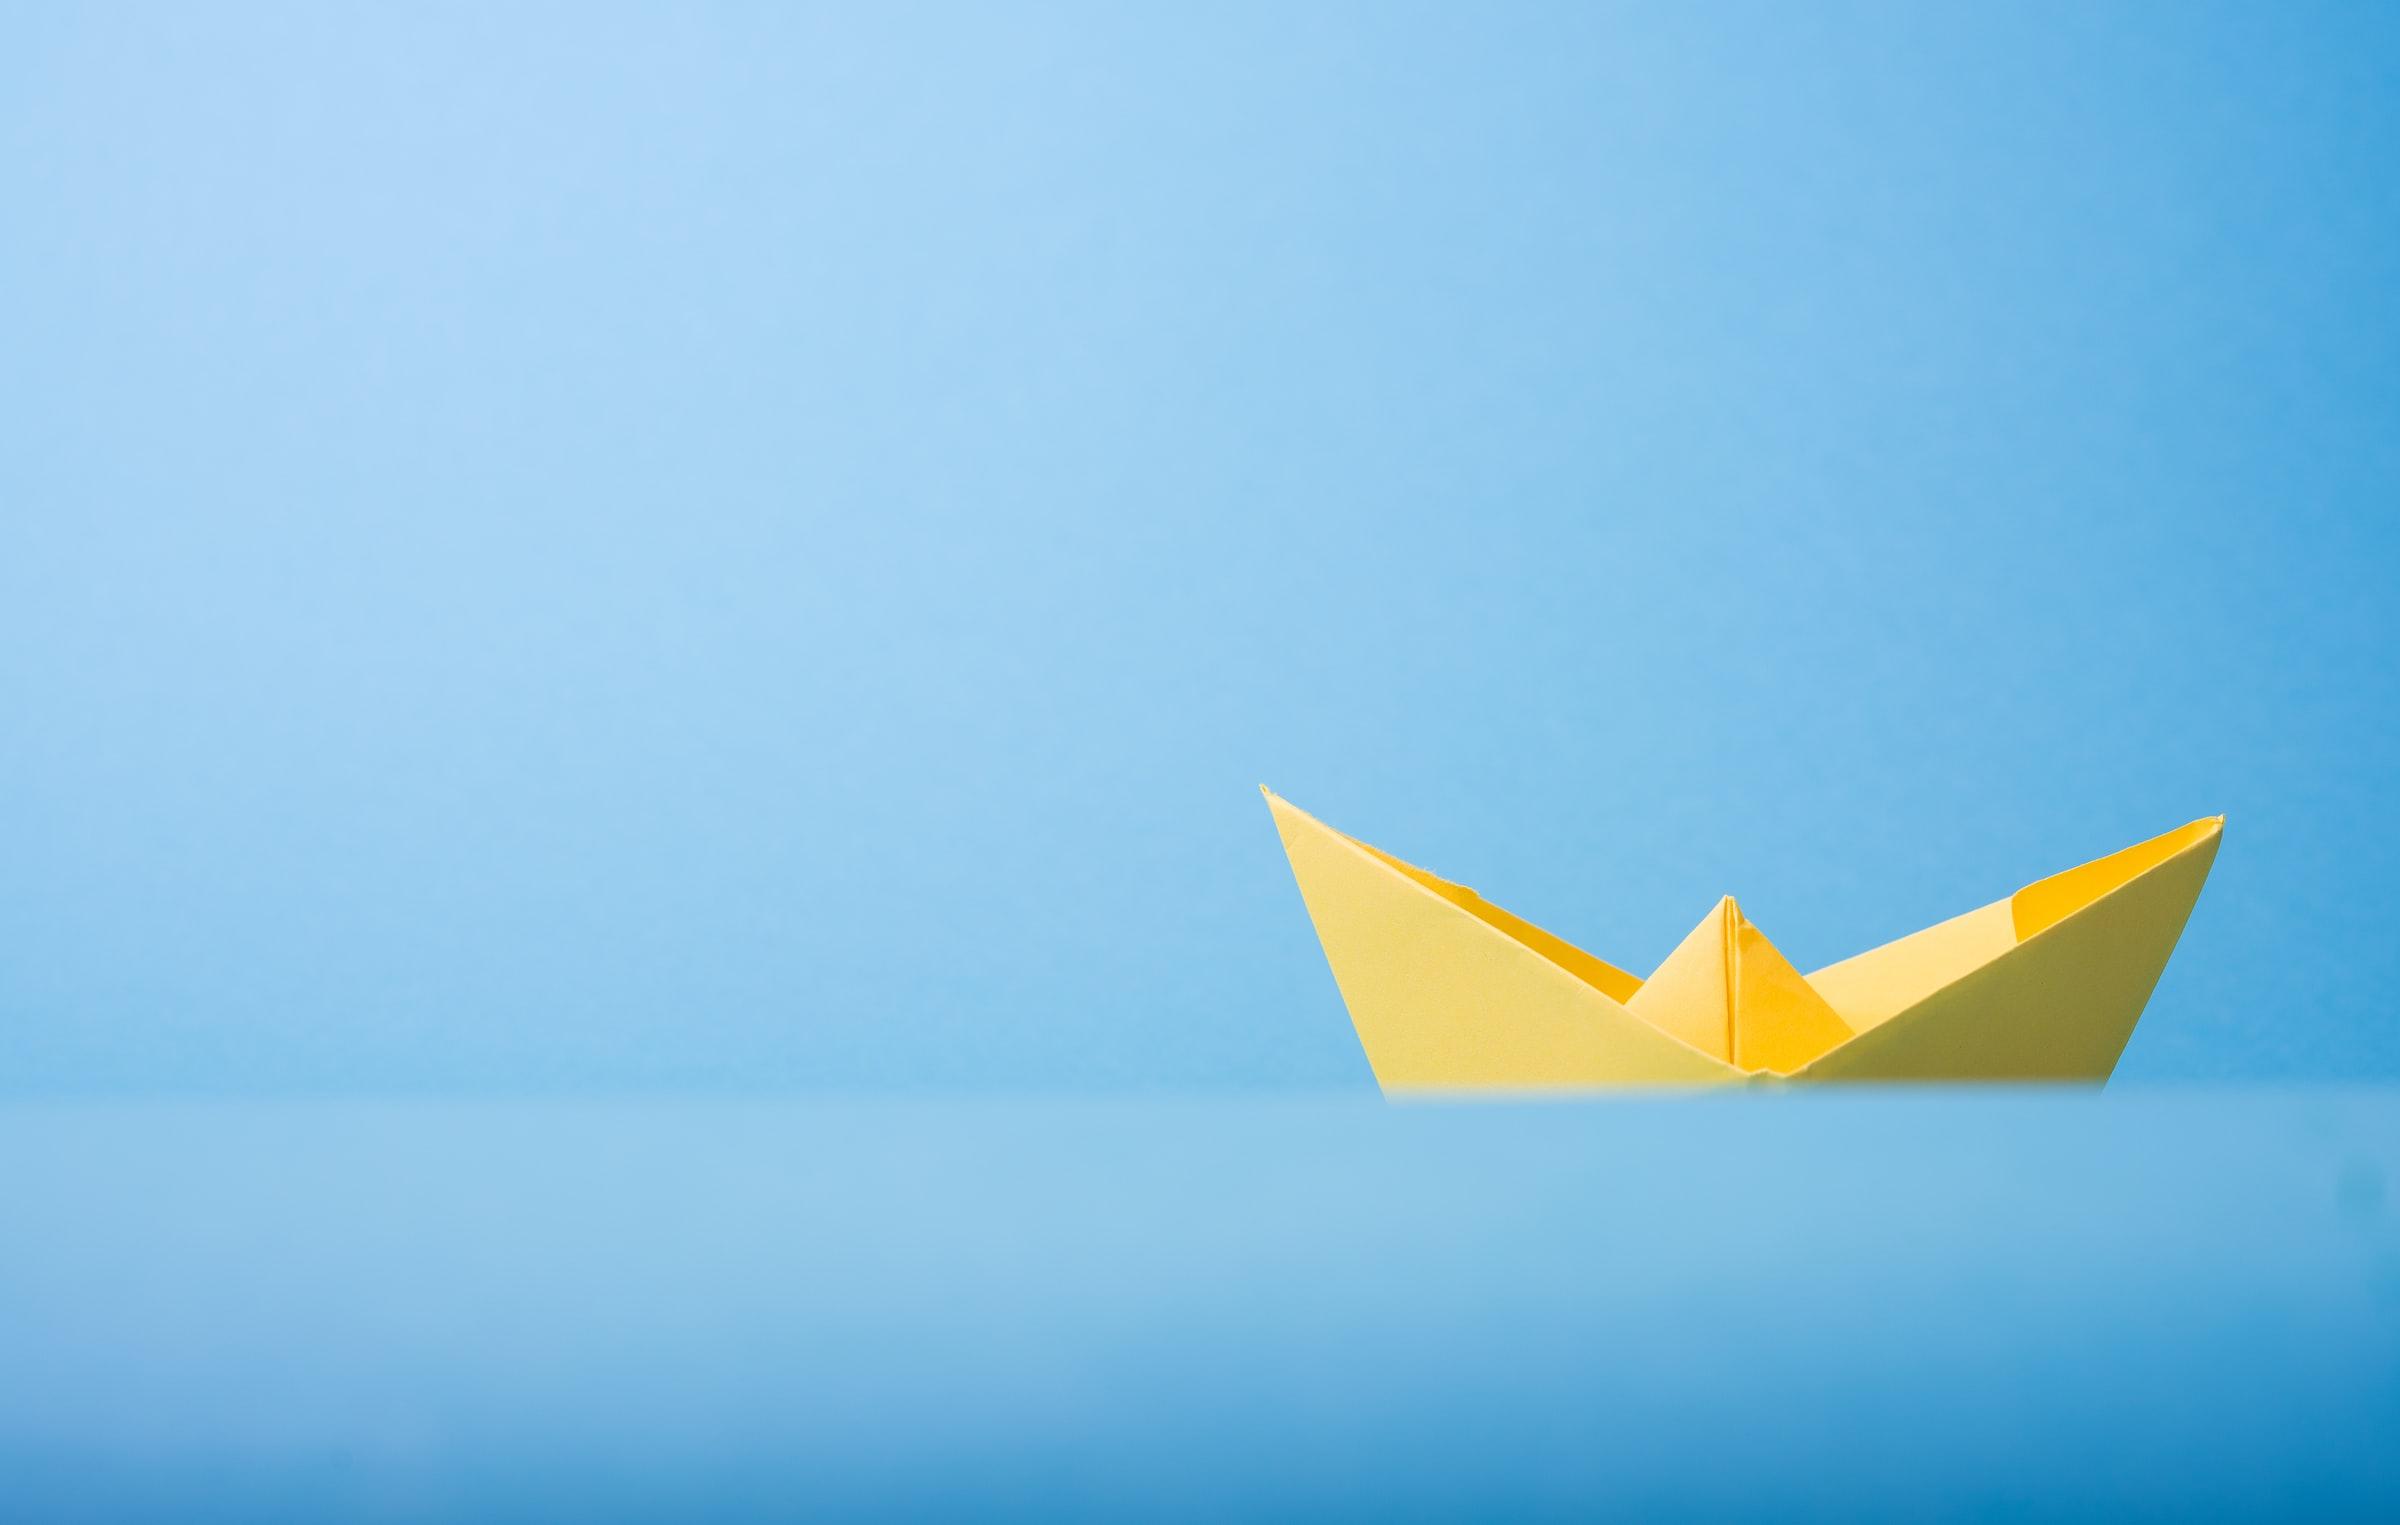 Fotografia di una barchetta origami